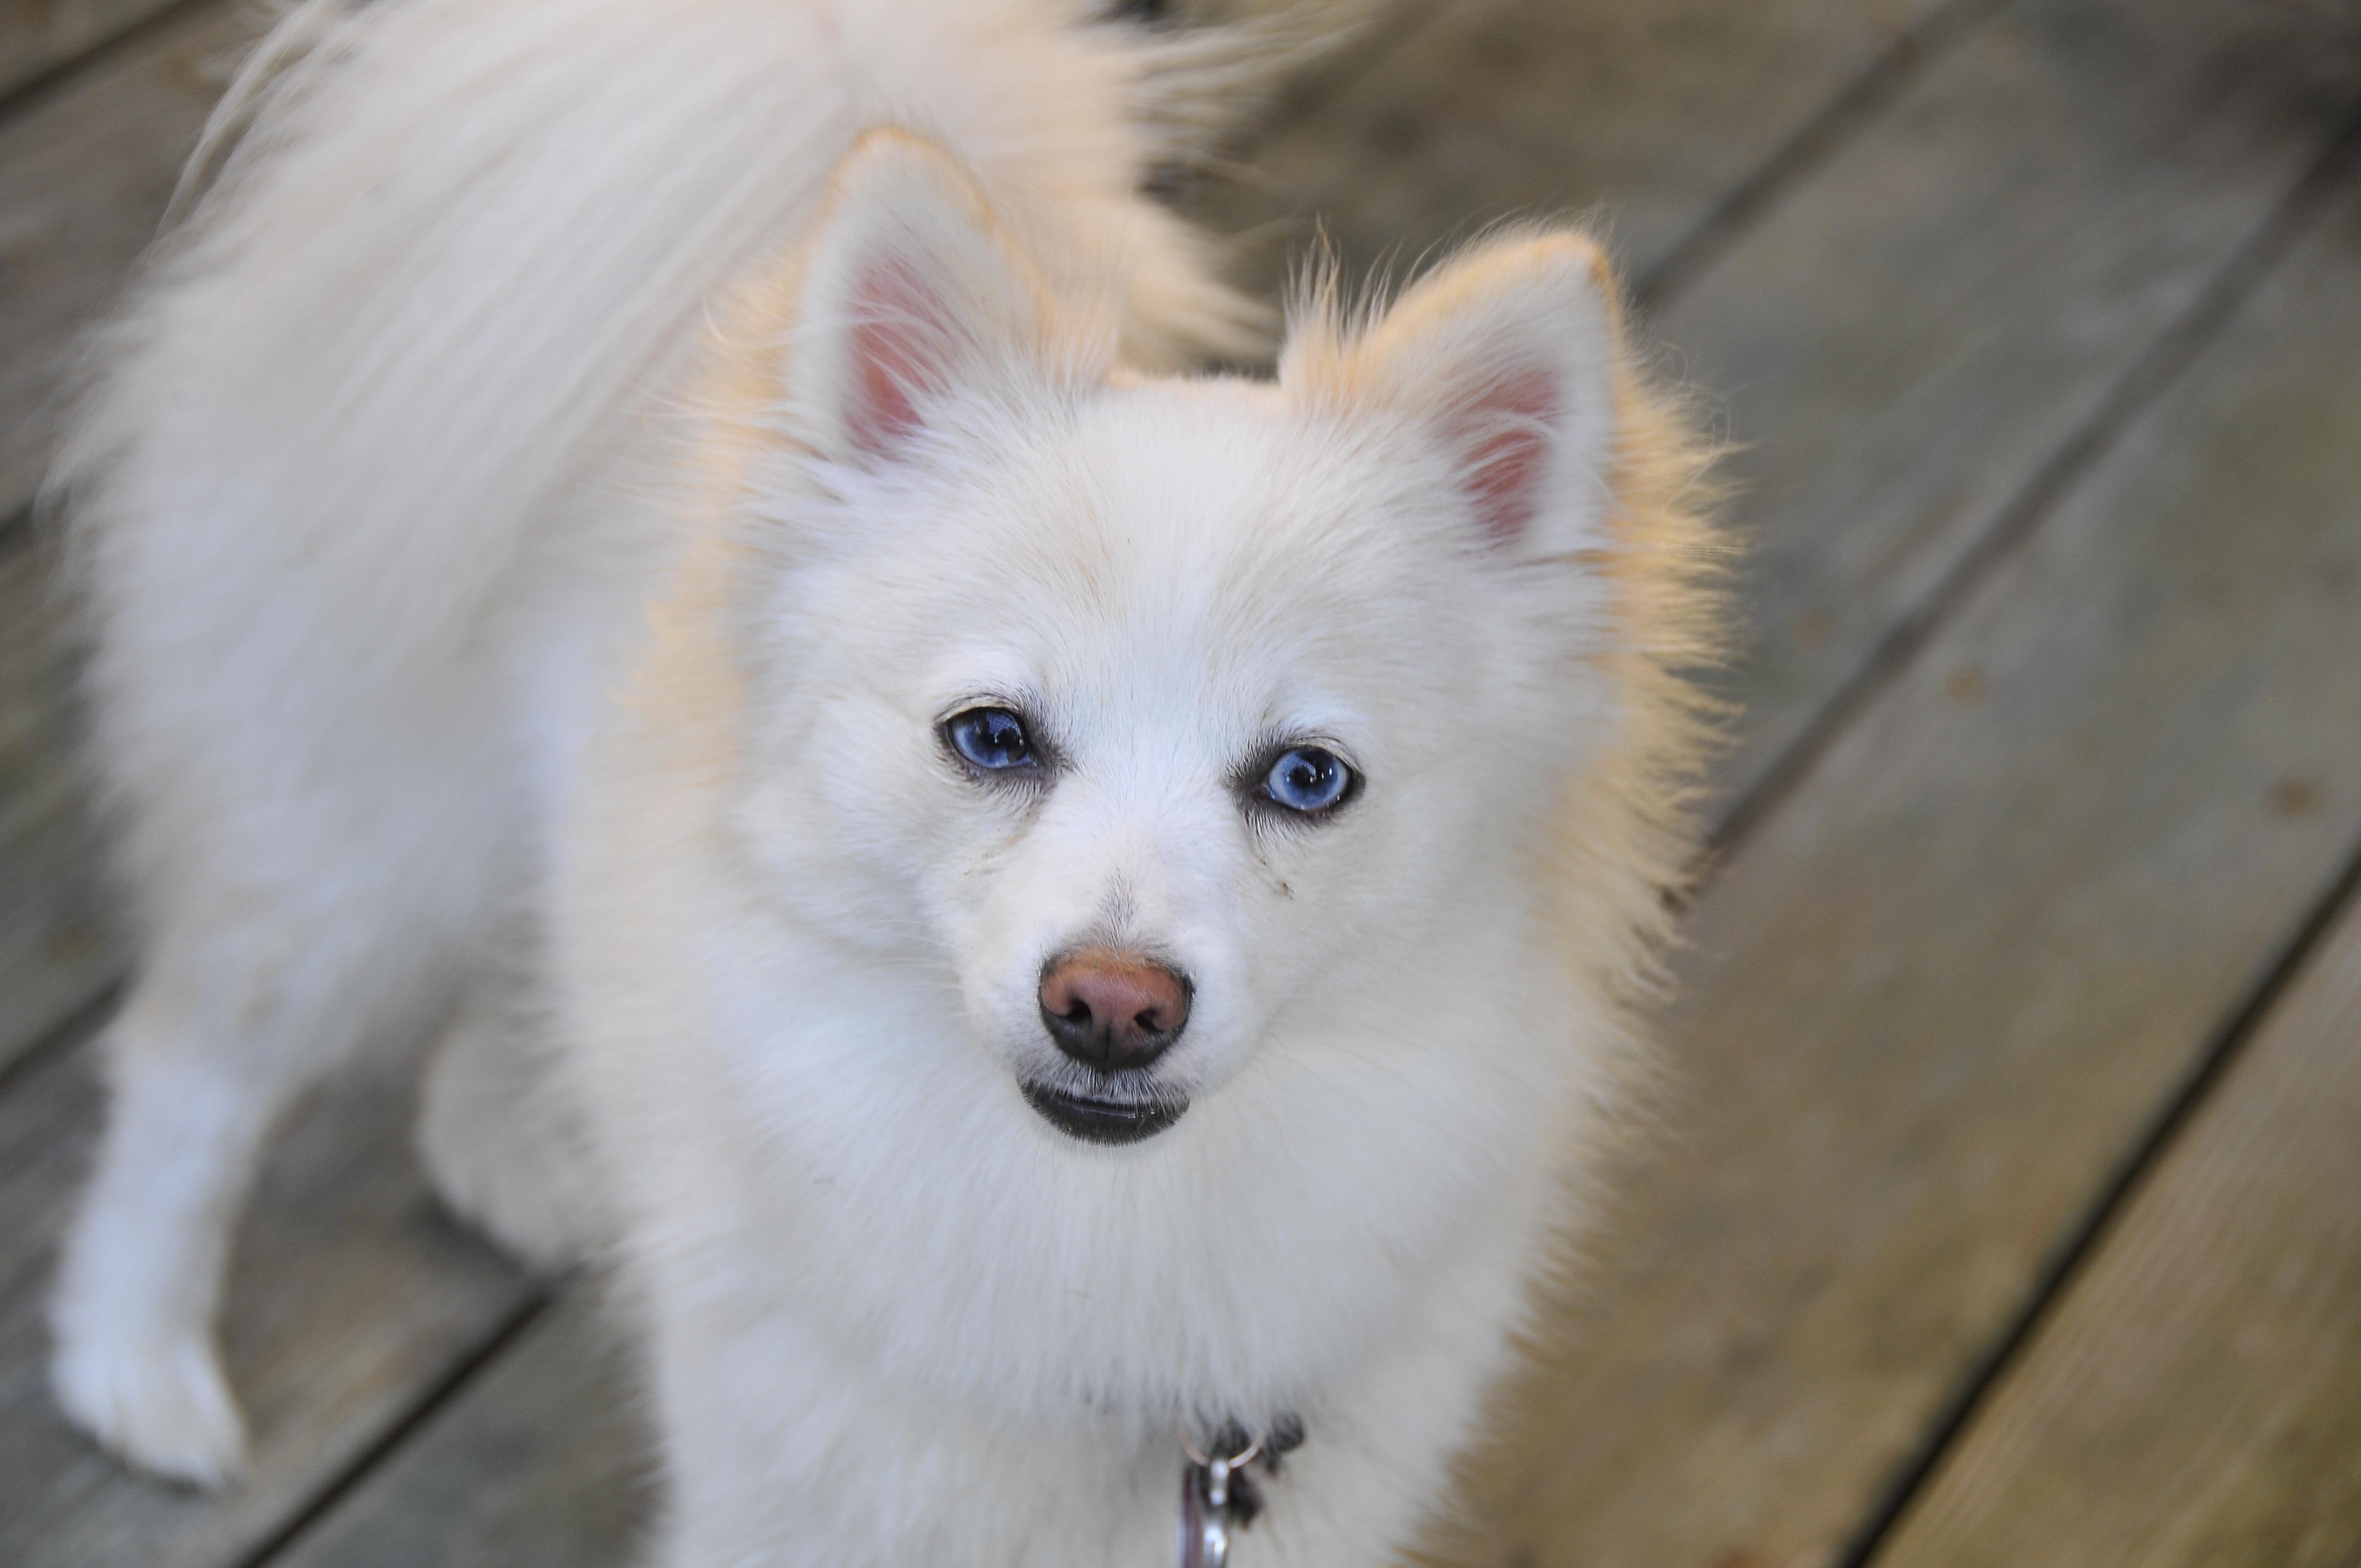 White Fluffy Pomeranian Dog Free Image